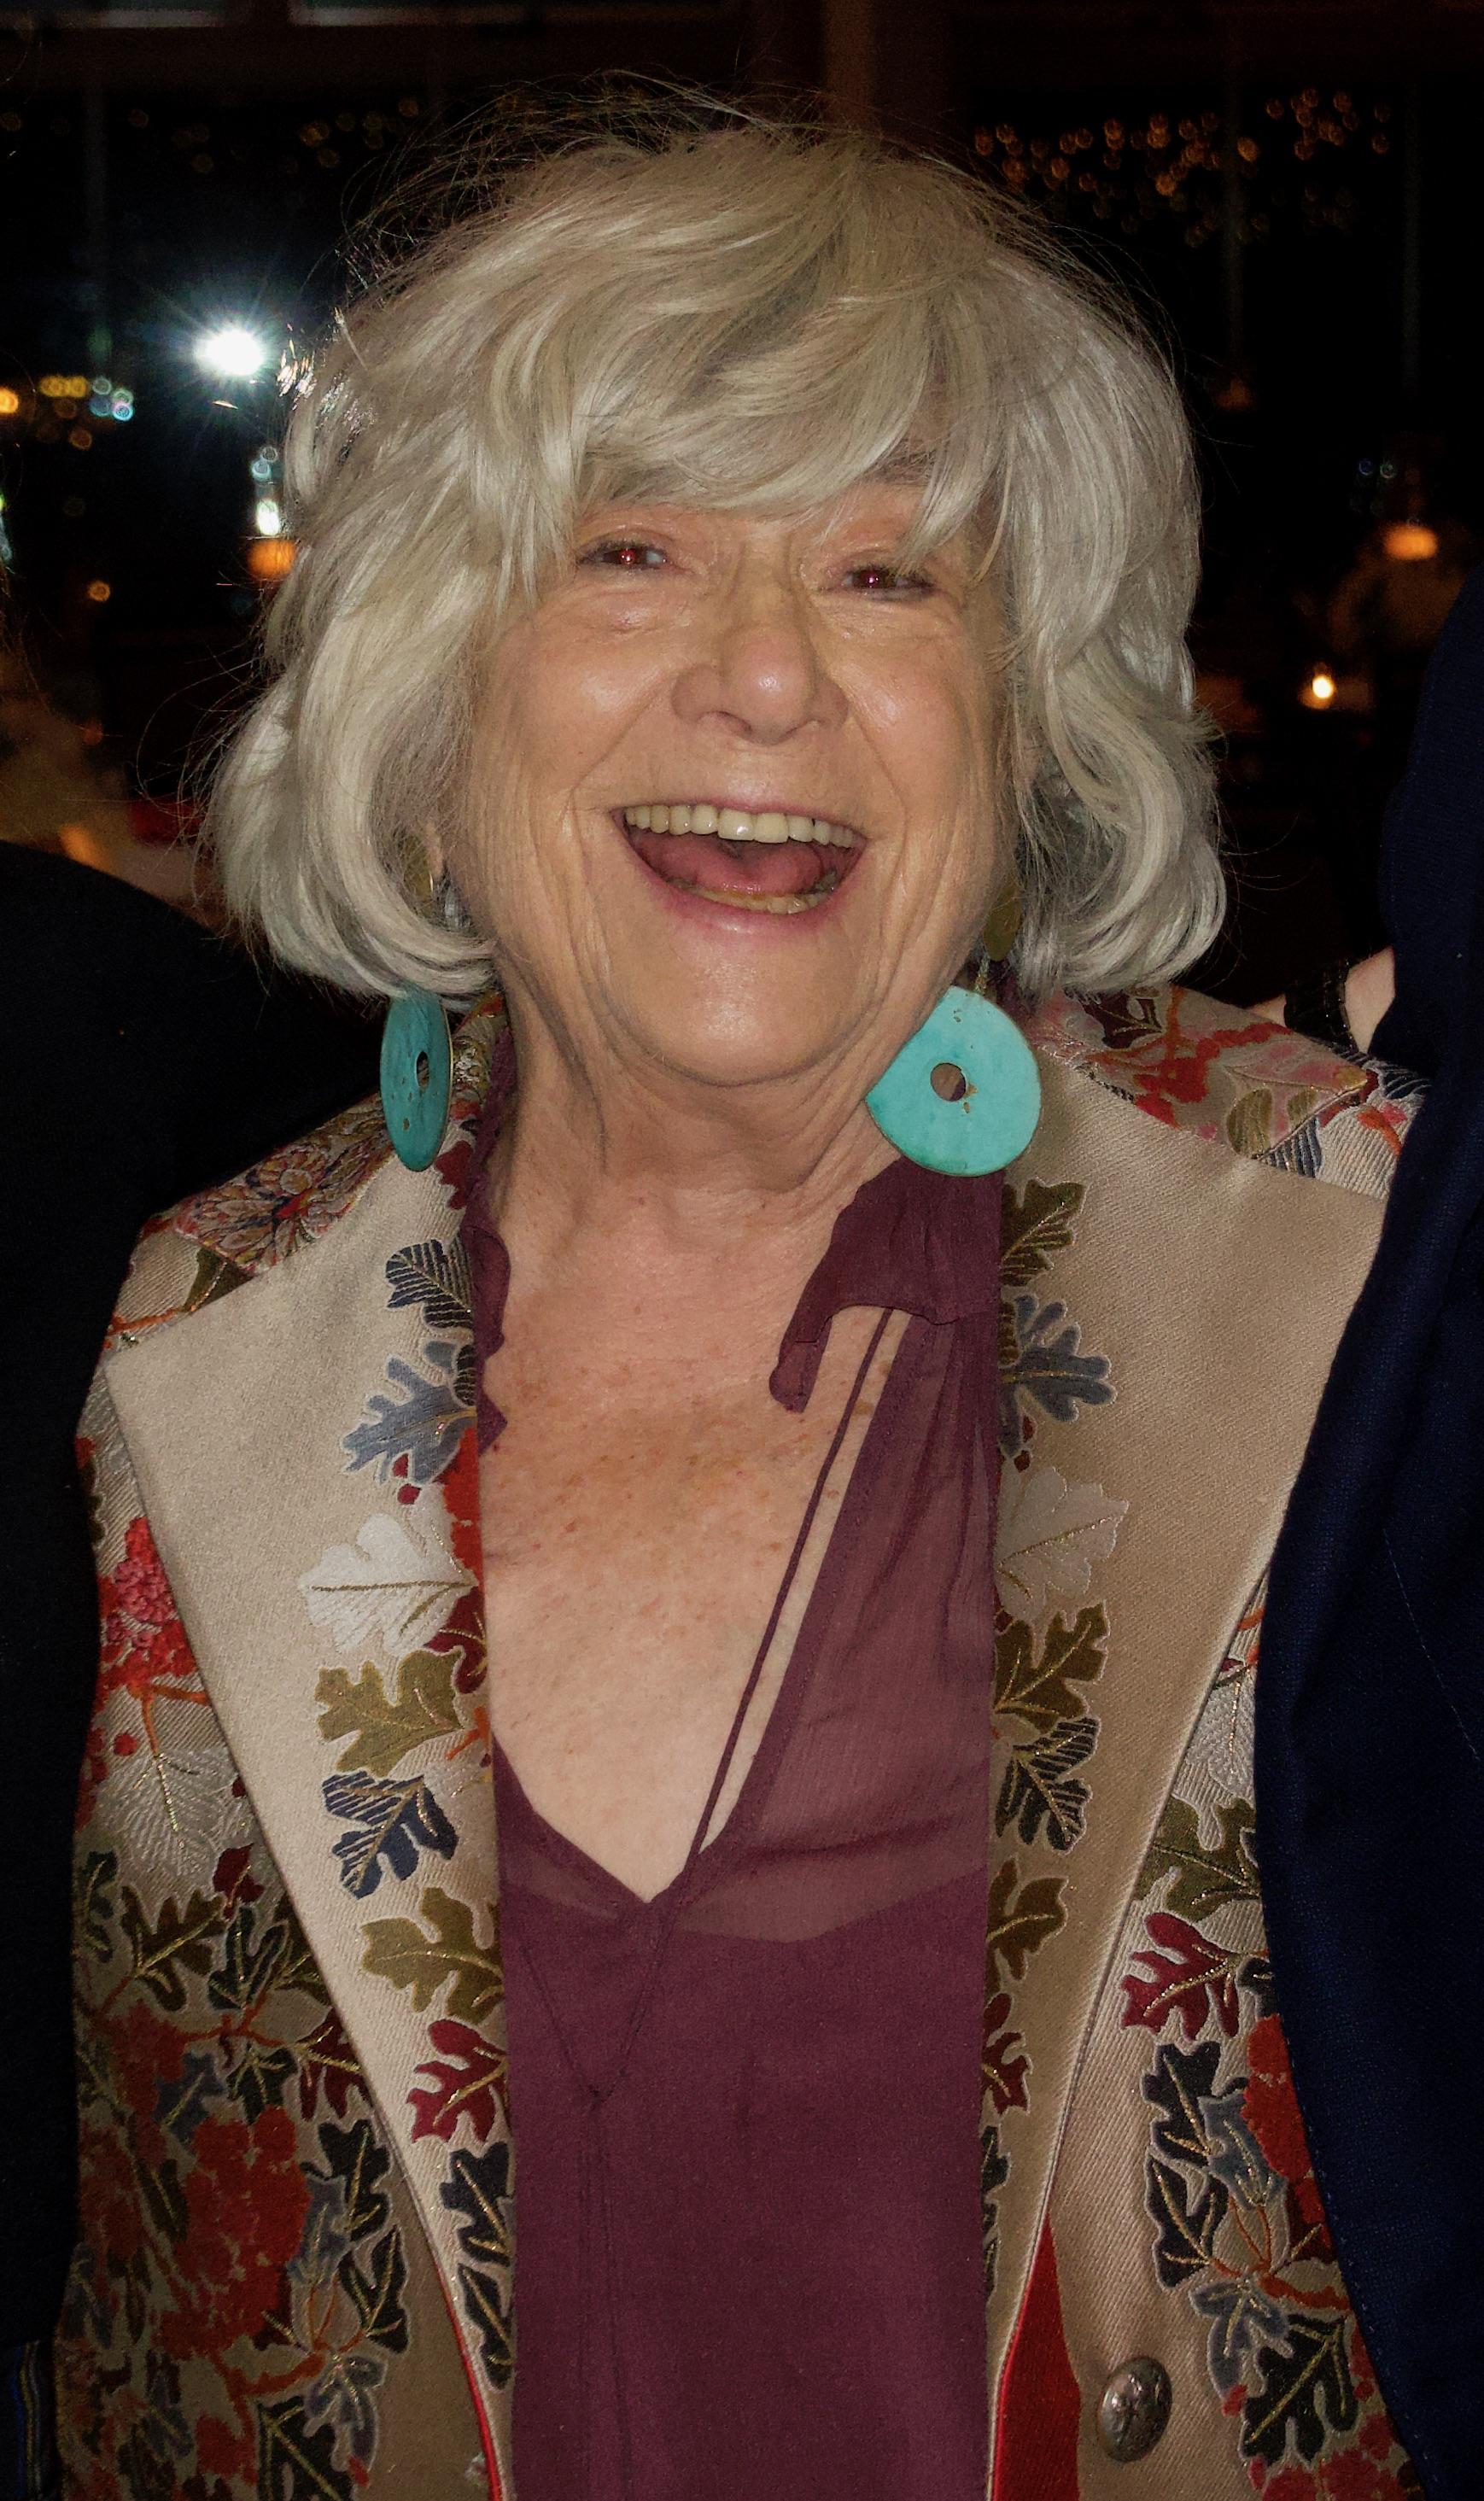 """Con l'invecchiamento, alcune cose sono cambiate nel mio lavoro.Ho sviluppato una maggiore abilità nel raccontare storie. Non sono mai stata così capace come nei miei ultimi anni - Susan Wood Richardson, fotografa, co-fondatrice di Women's Forum e autrice di """"Women"""", una gallery di ritratti di donne che hanno plasmato il XX secolo"""